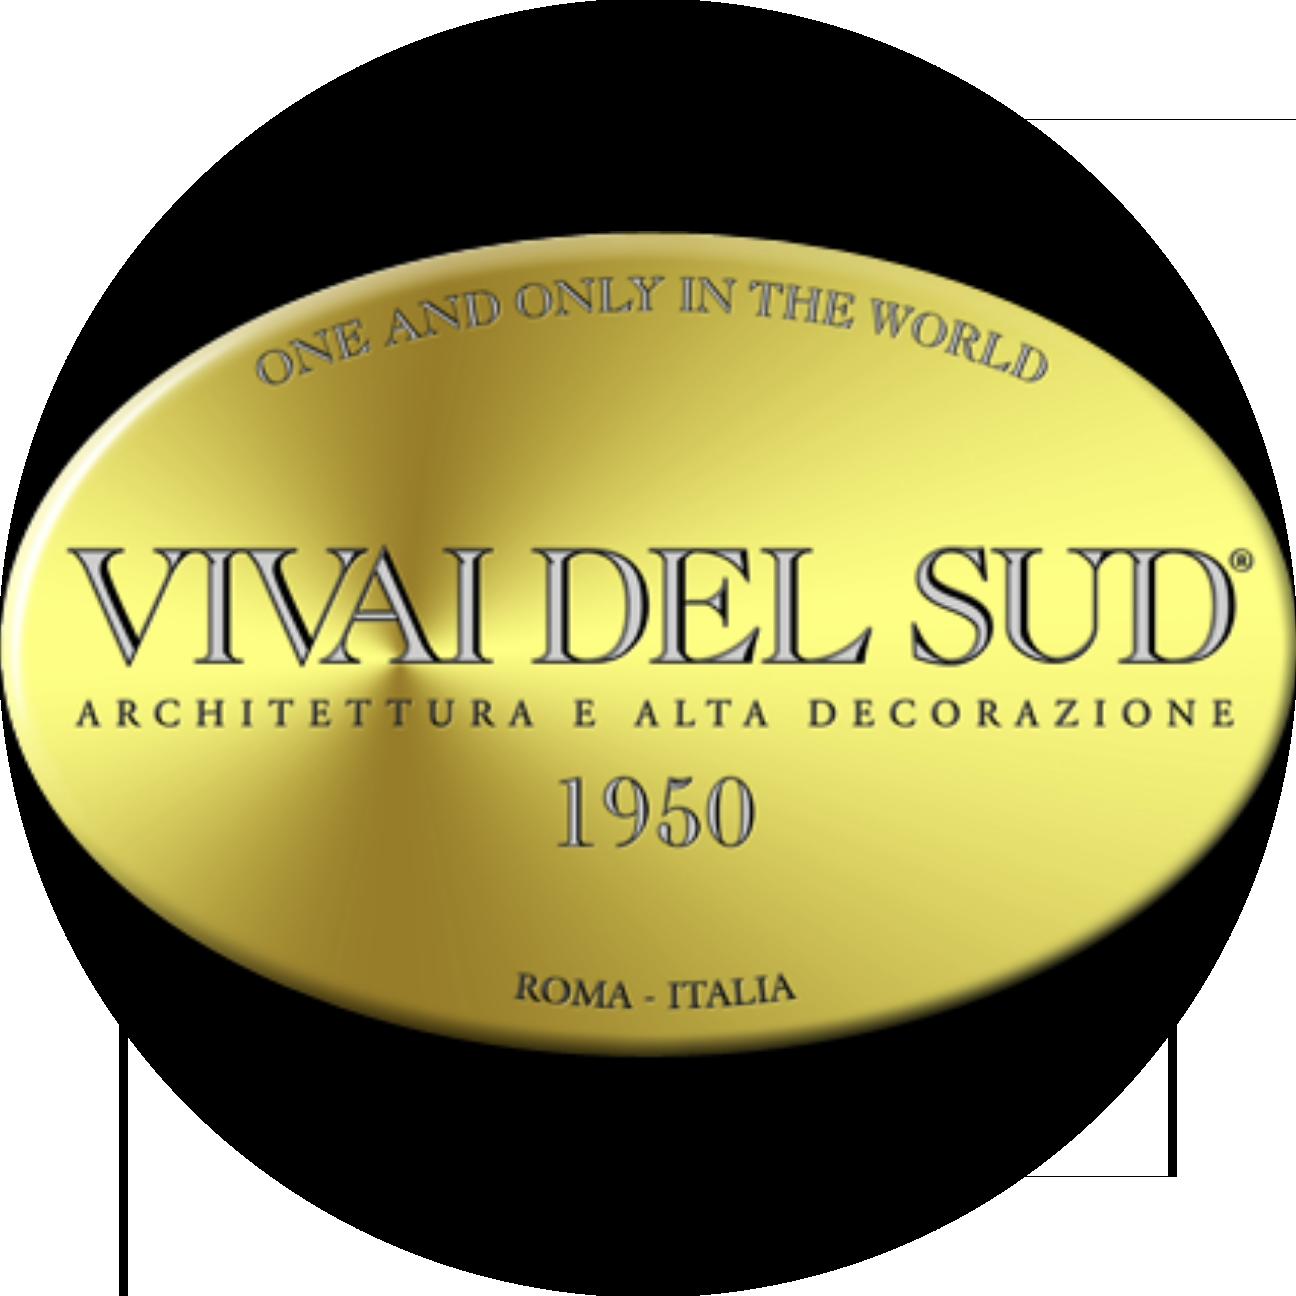 Vivai del sud logo by    soyun k.